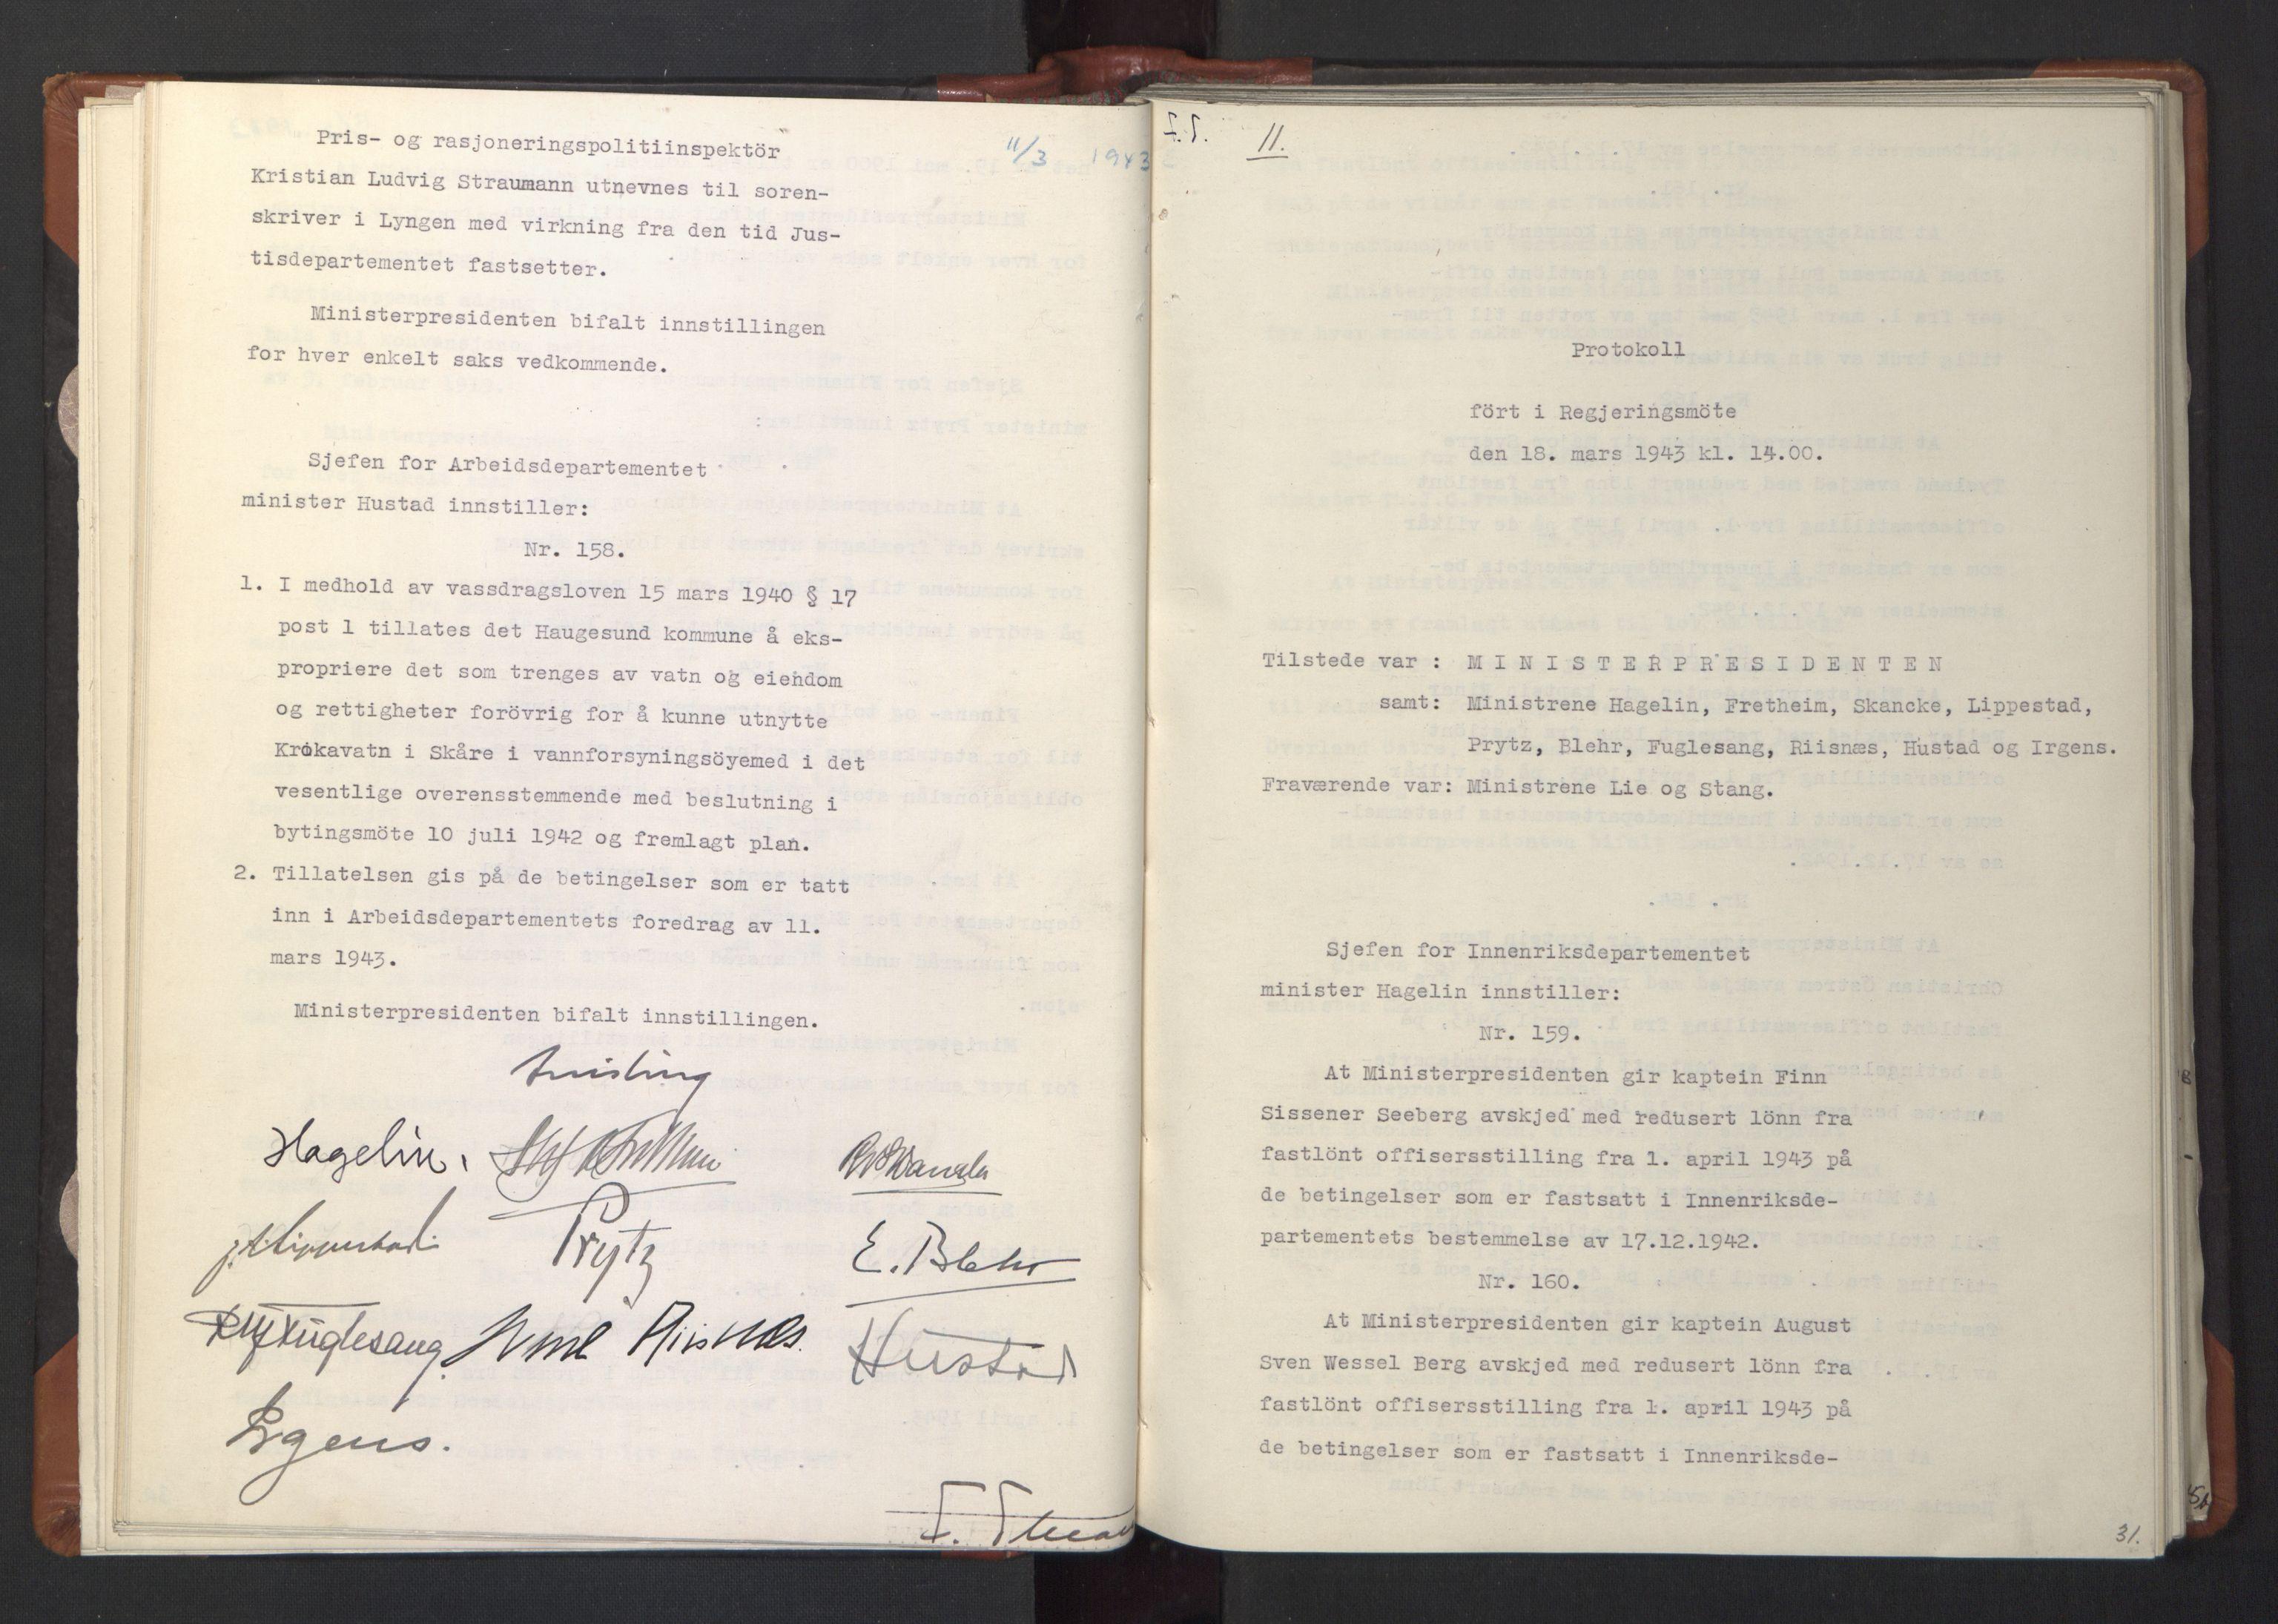 RA, NS-administrasjonen 1940-1945 (Statsrådsekretariatet, de kommisariske statsråder mm), D/Da/L0003: Vedtak (Beslutninger) nr. 1-746 og tillegg nr. 1-47 (RA. j.nr. 1394/1944, tilgangsnr. 8/1944, 1943, s. 30b-31a